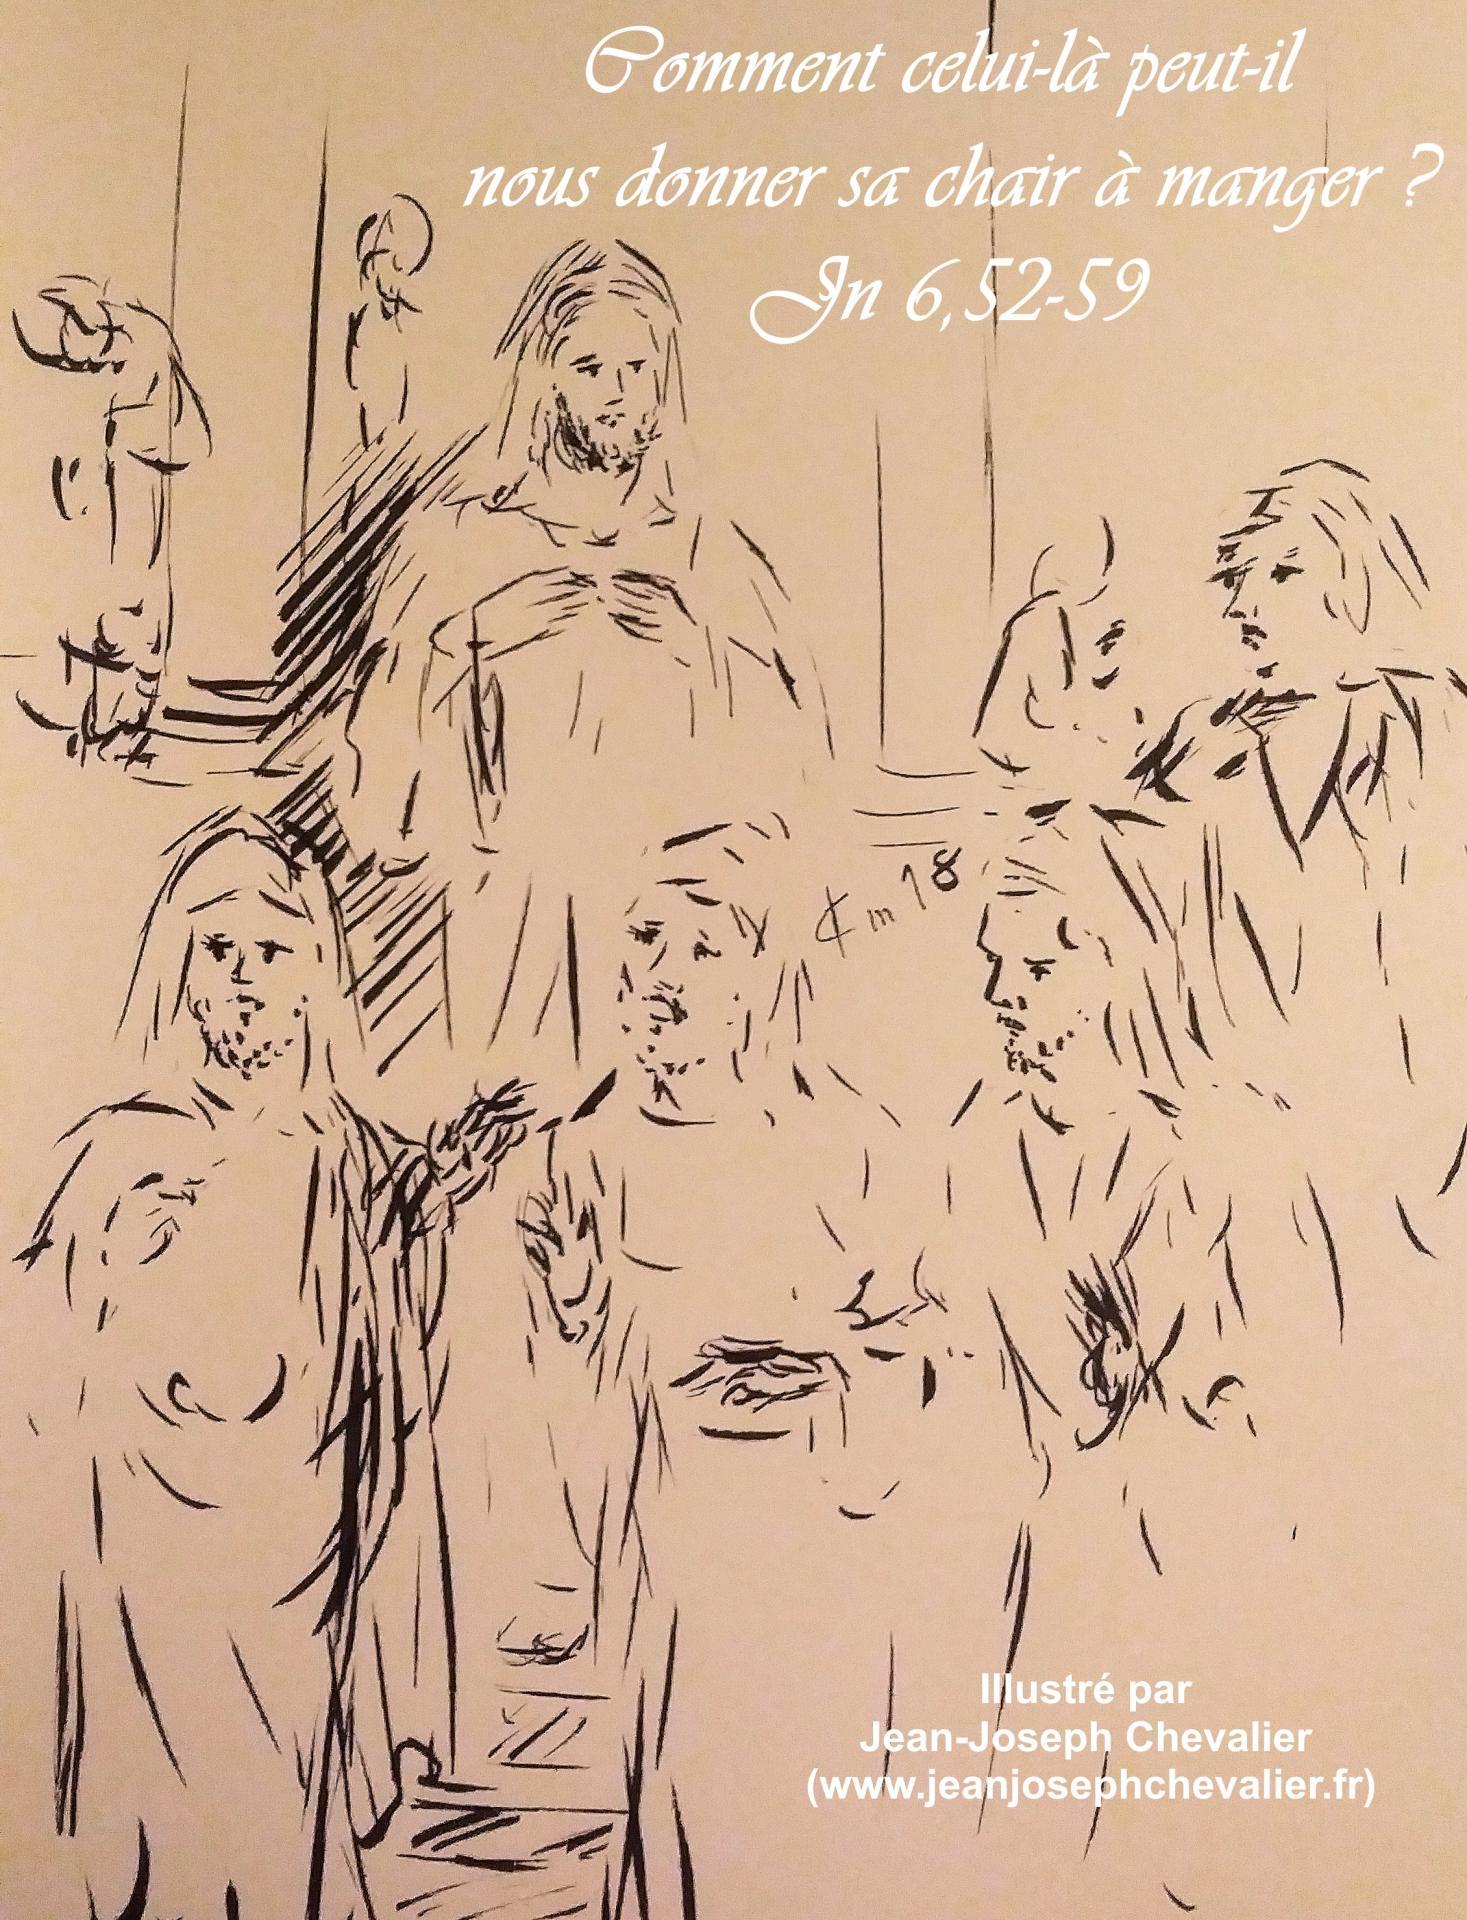 20 avril 2018 evangile du jour illustre par un dessin au lavis de jean joseph chevalier image